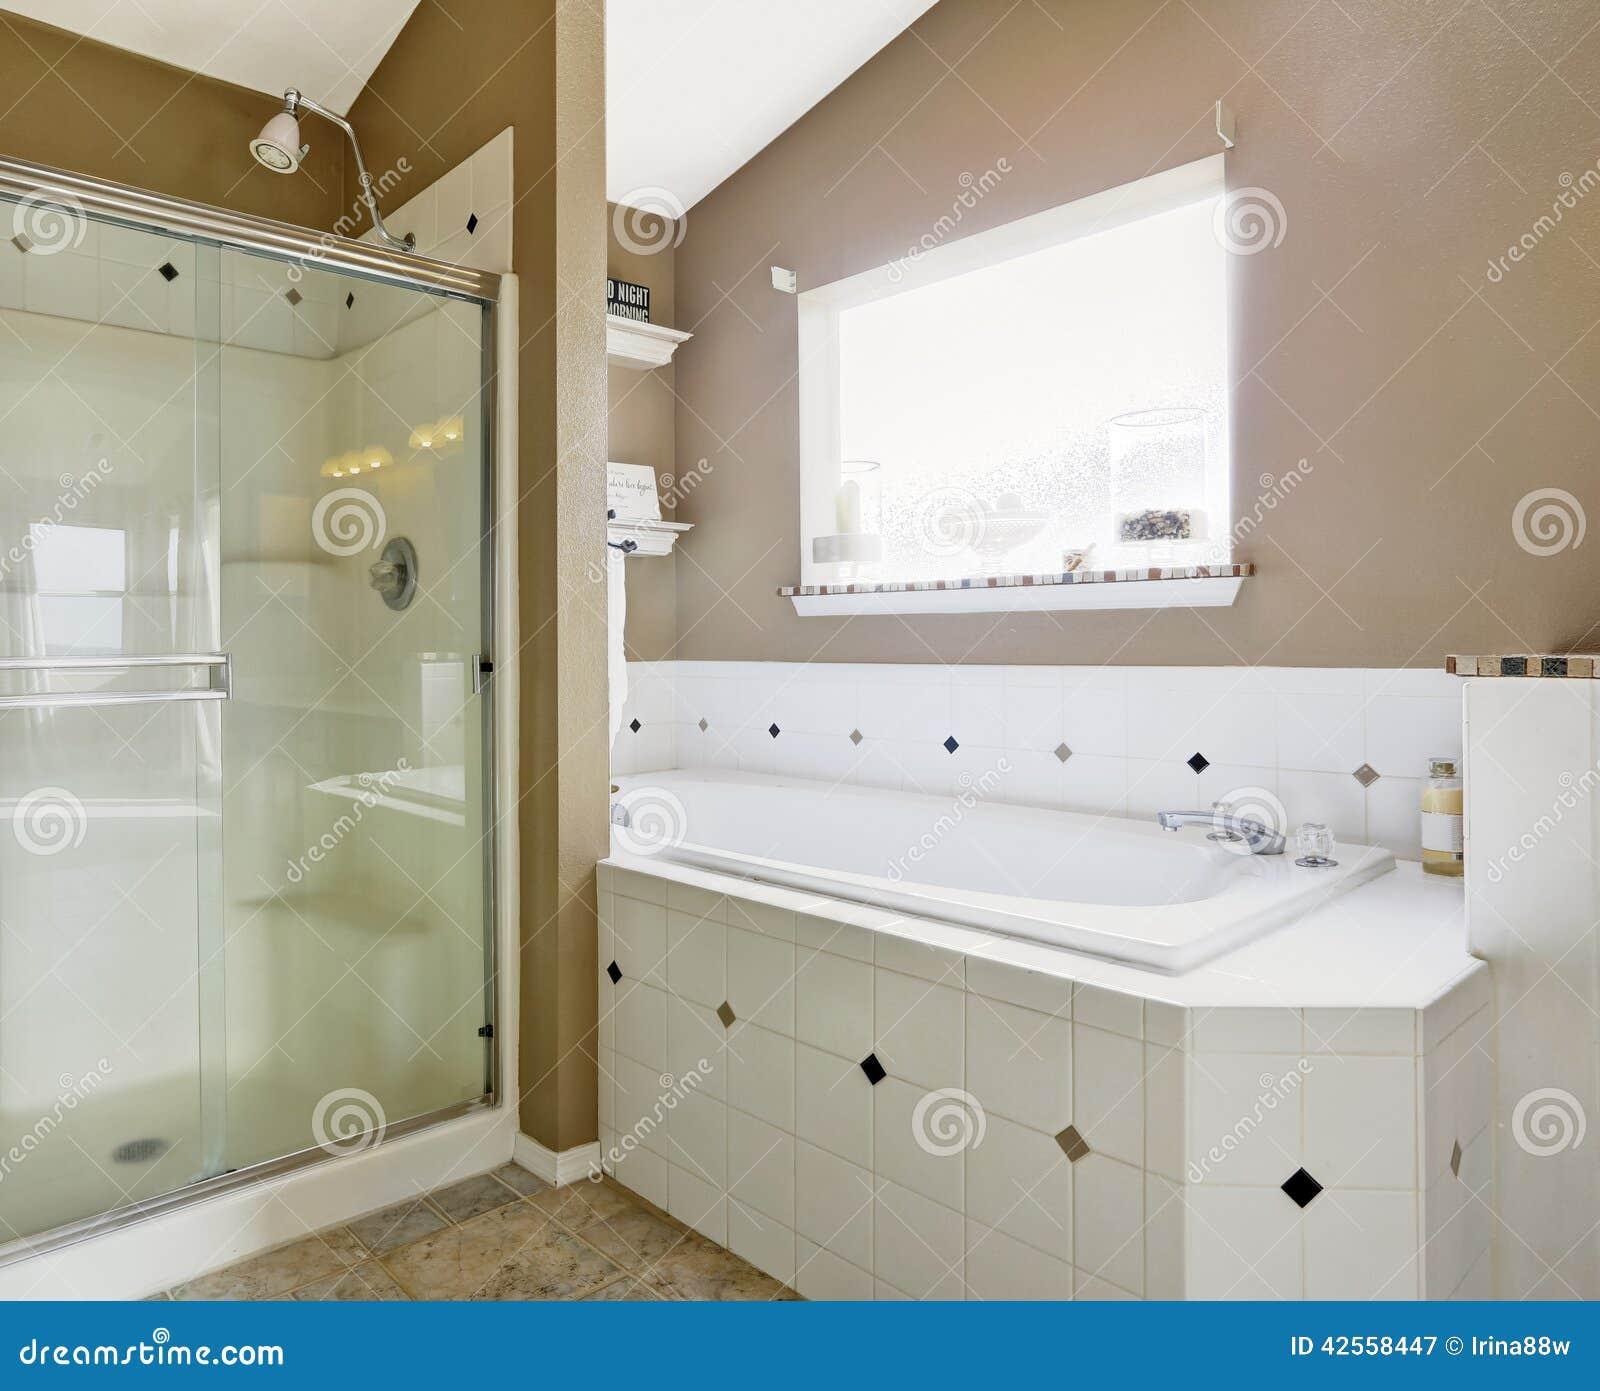 Cuartos De Baño En Beige:cuarto de baño en los colores blancos y beige Vista de la ducha de